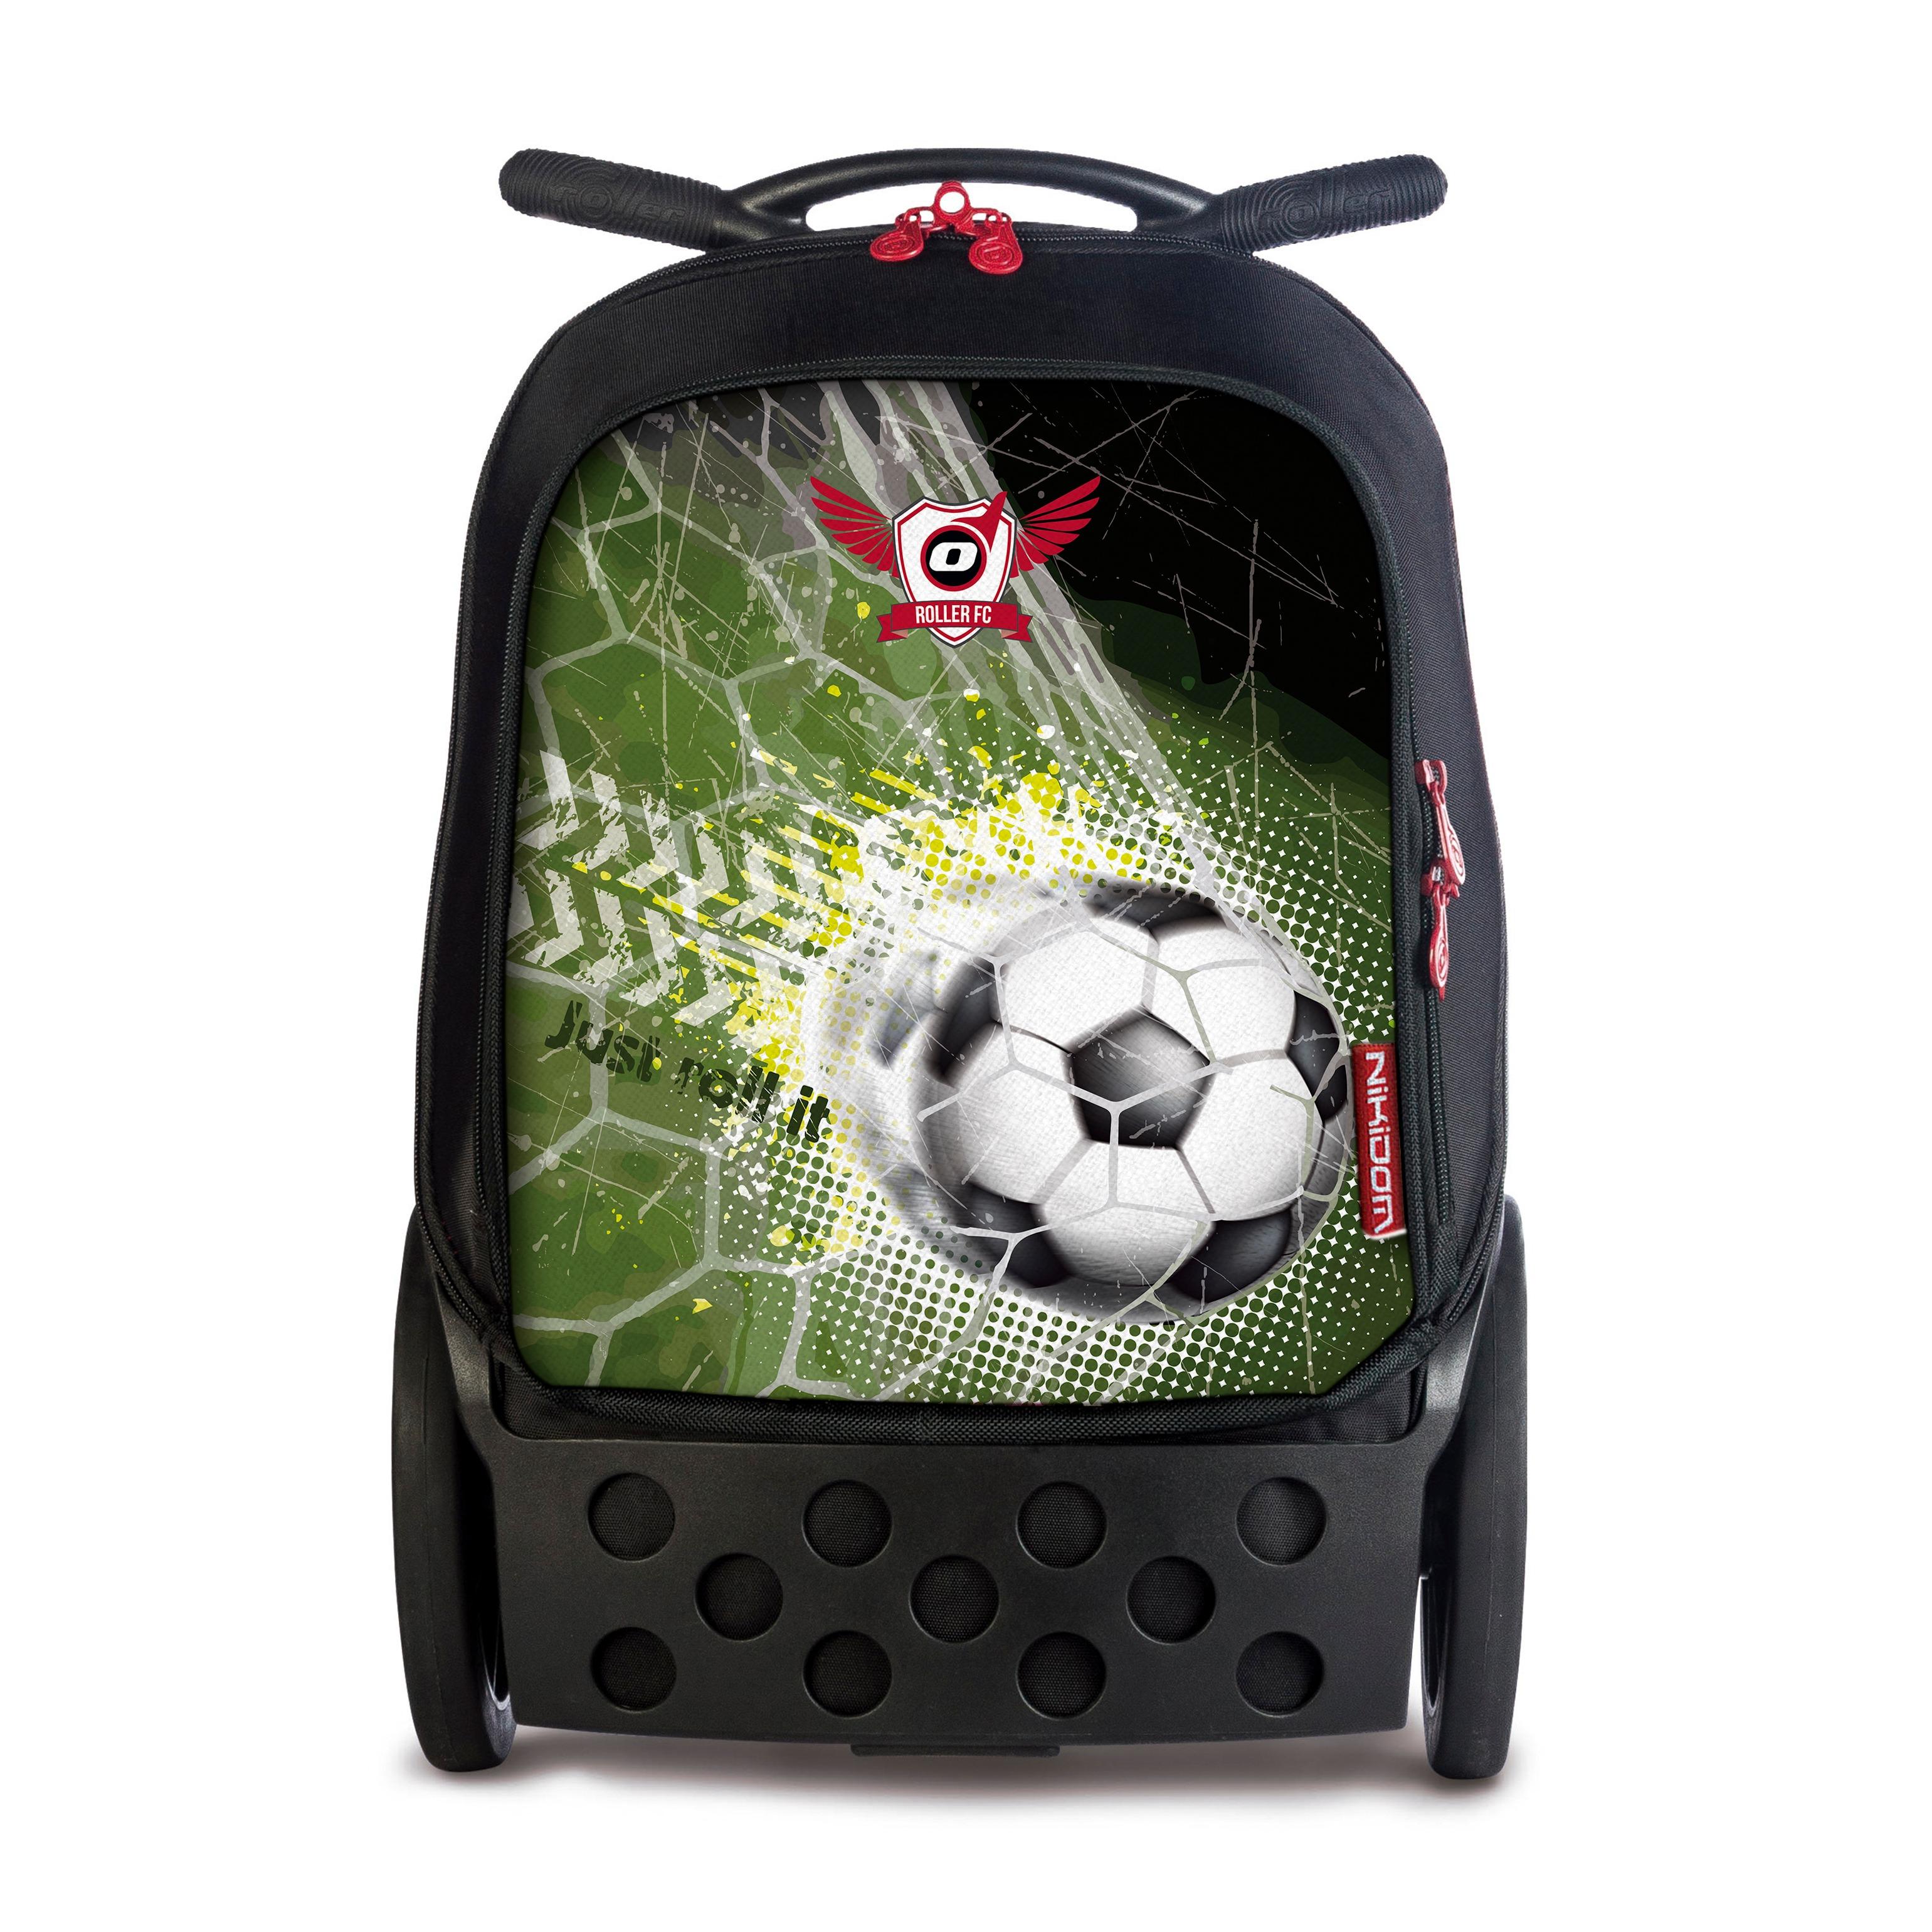 ed64a1c4c06 Školní taška na kolečkách Nikidom Roller XL Goal